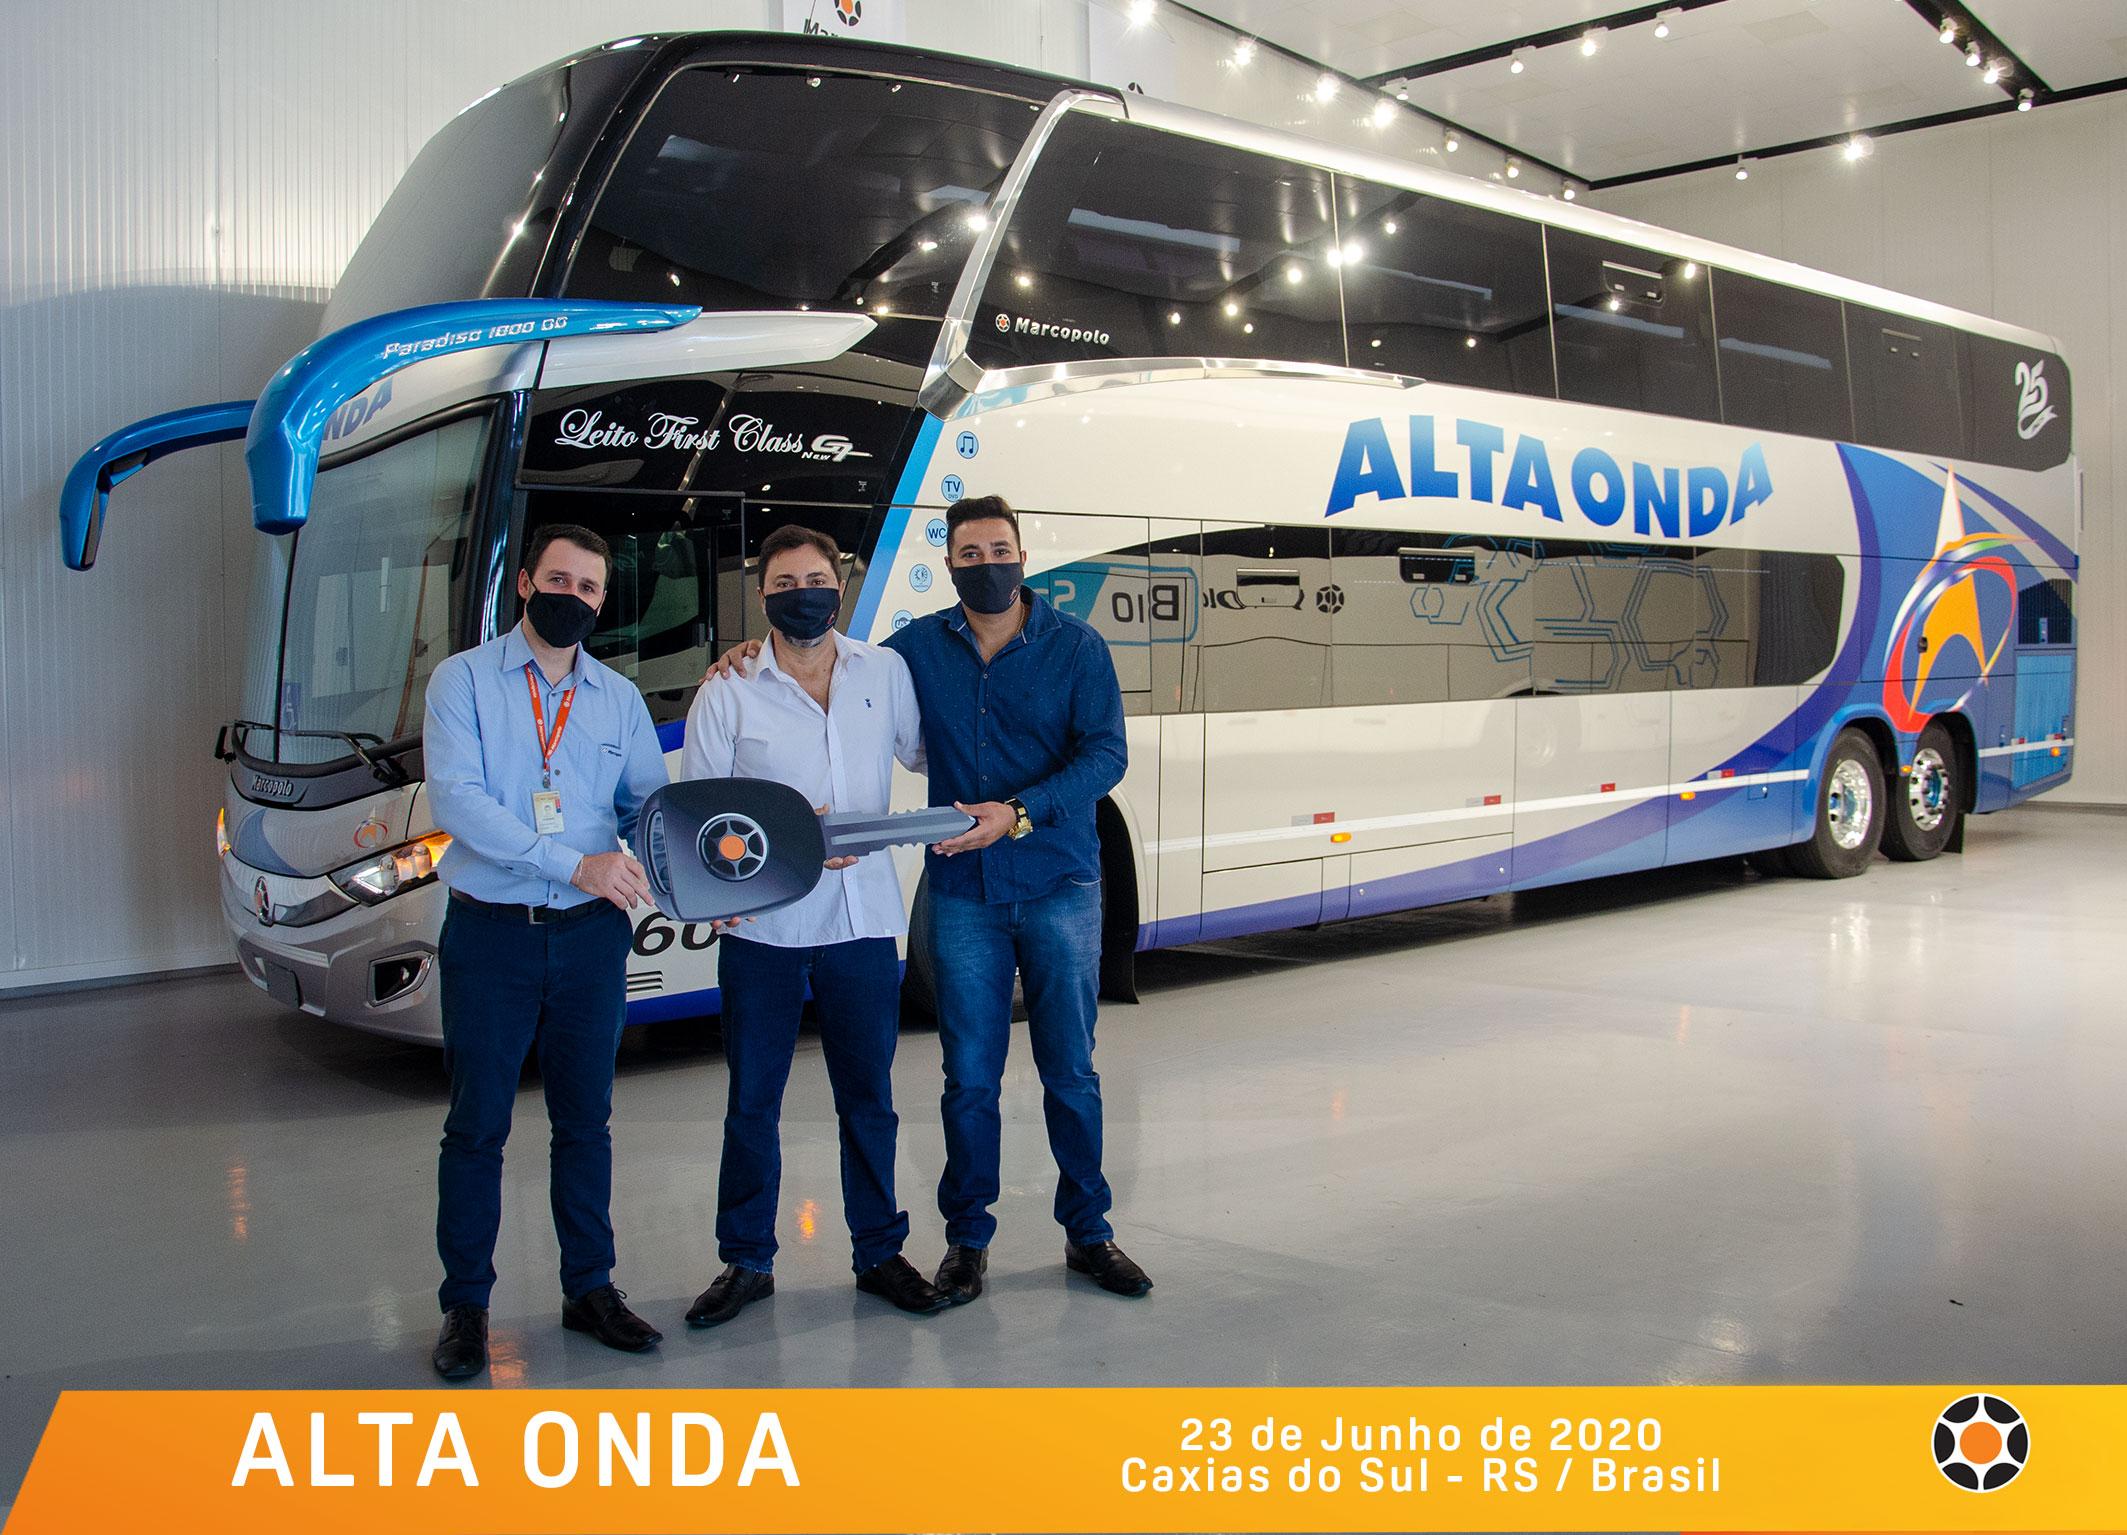 ALTA-ONDA